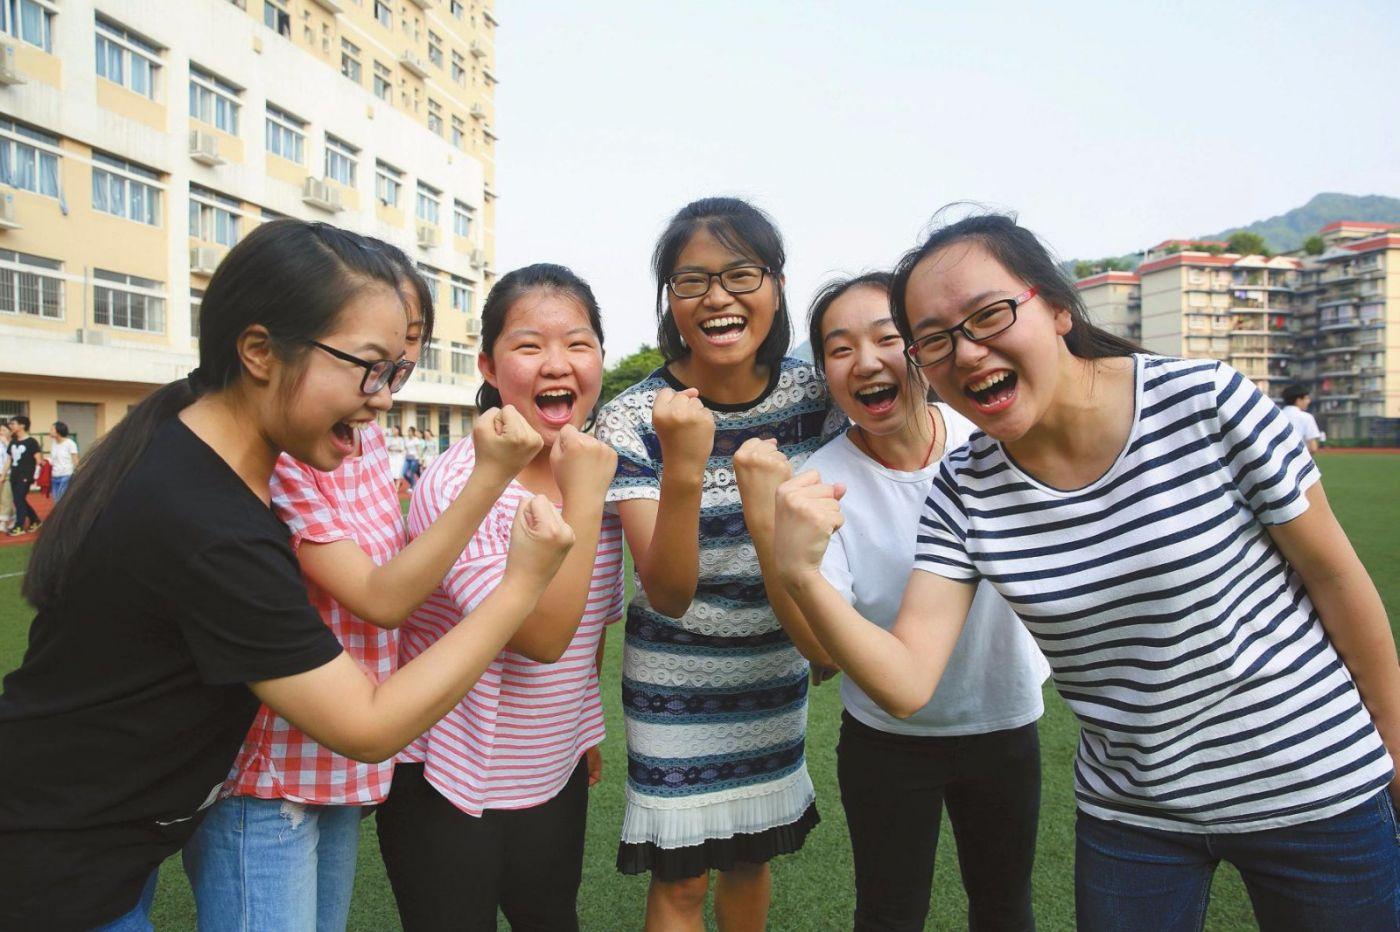 """中国这4个省的考生,高考""""难度最高"""",网友:怪""""出身""""不好吗? ..._图1-6"""